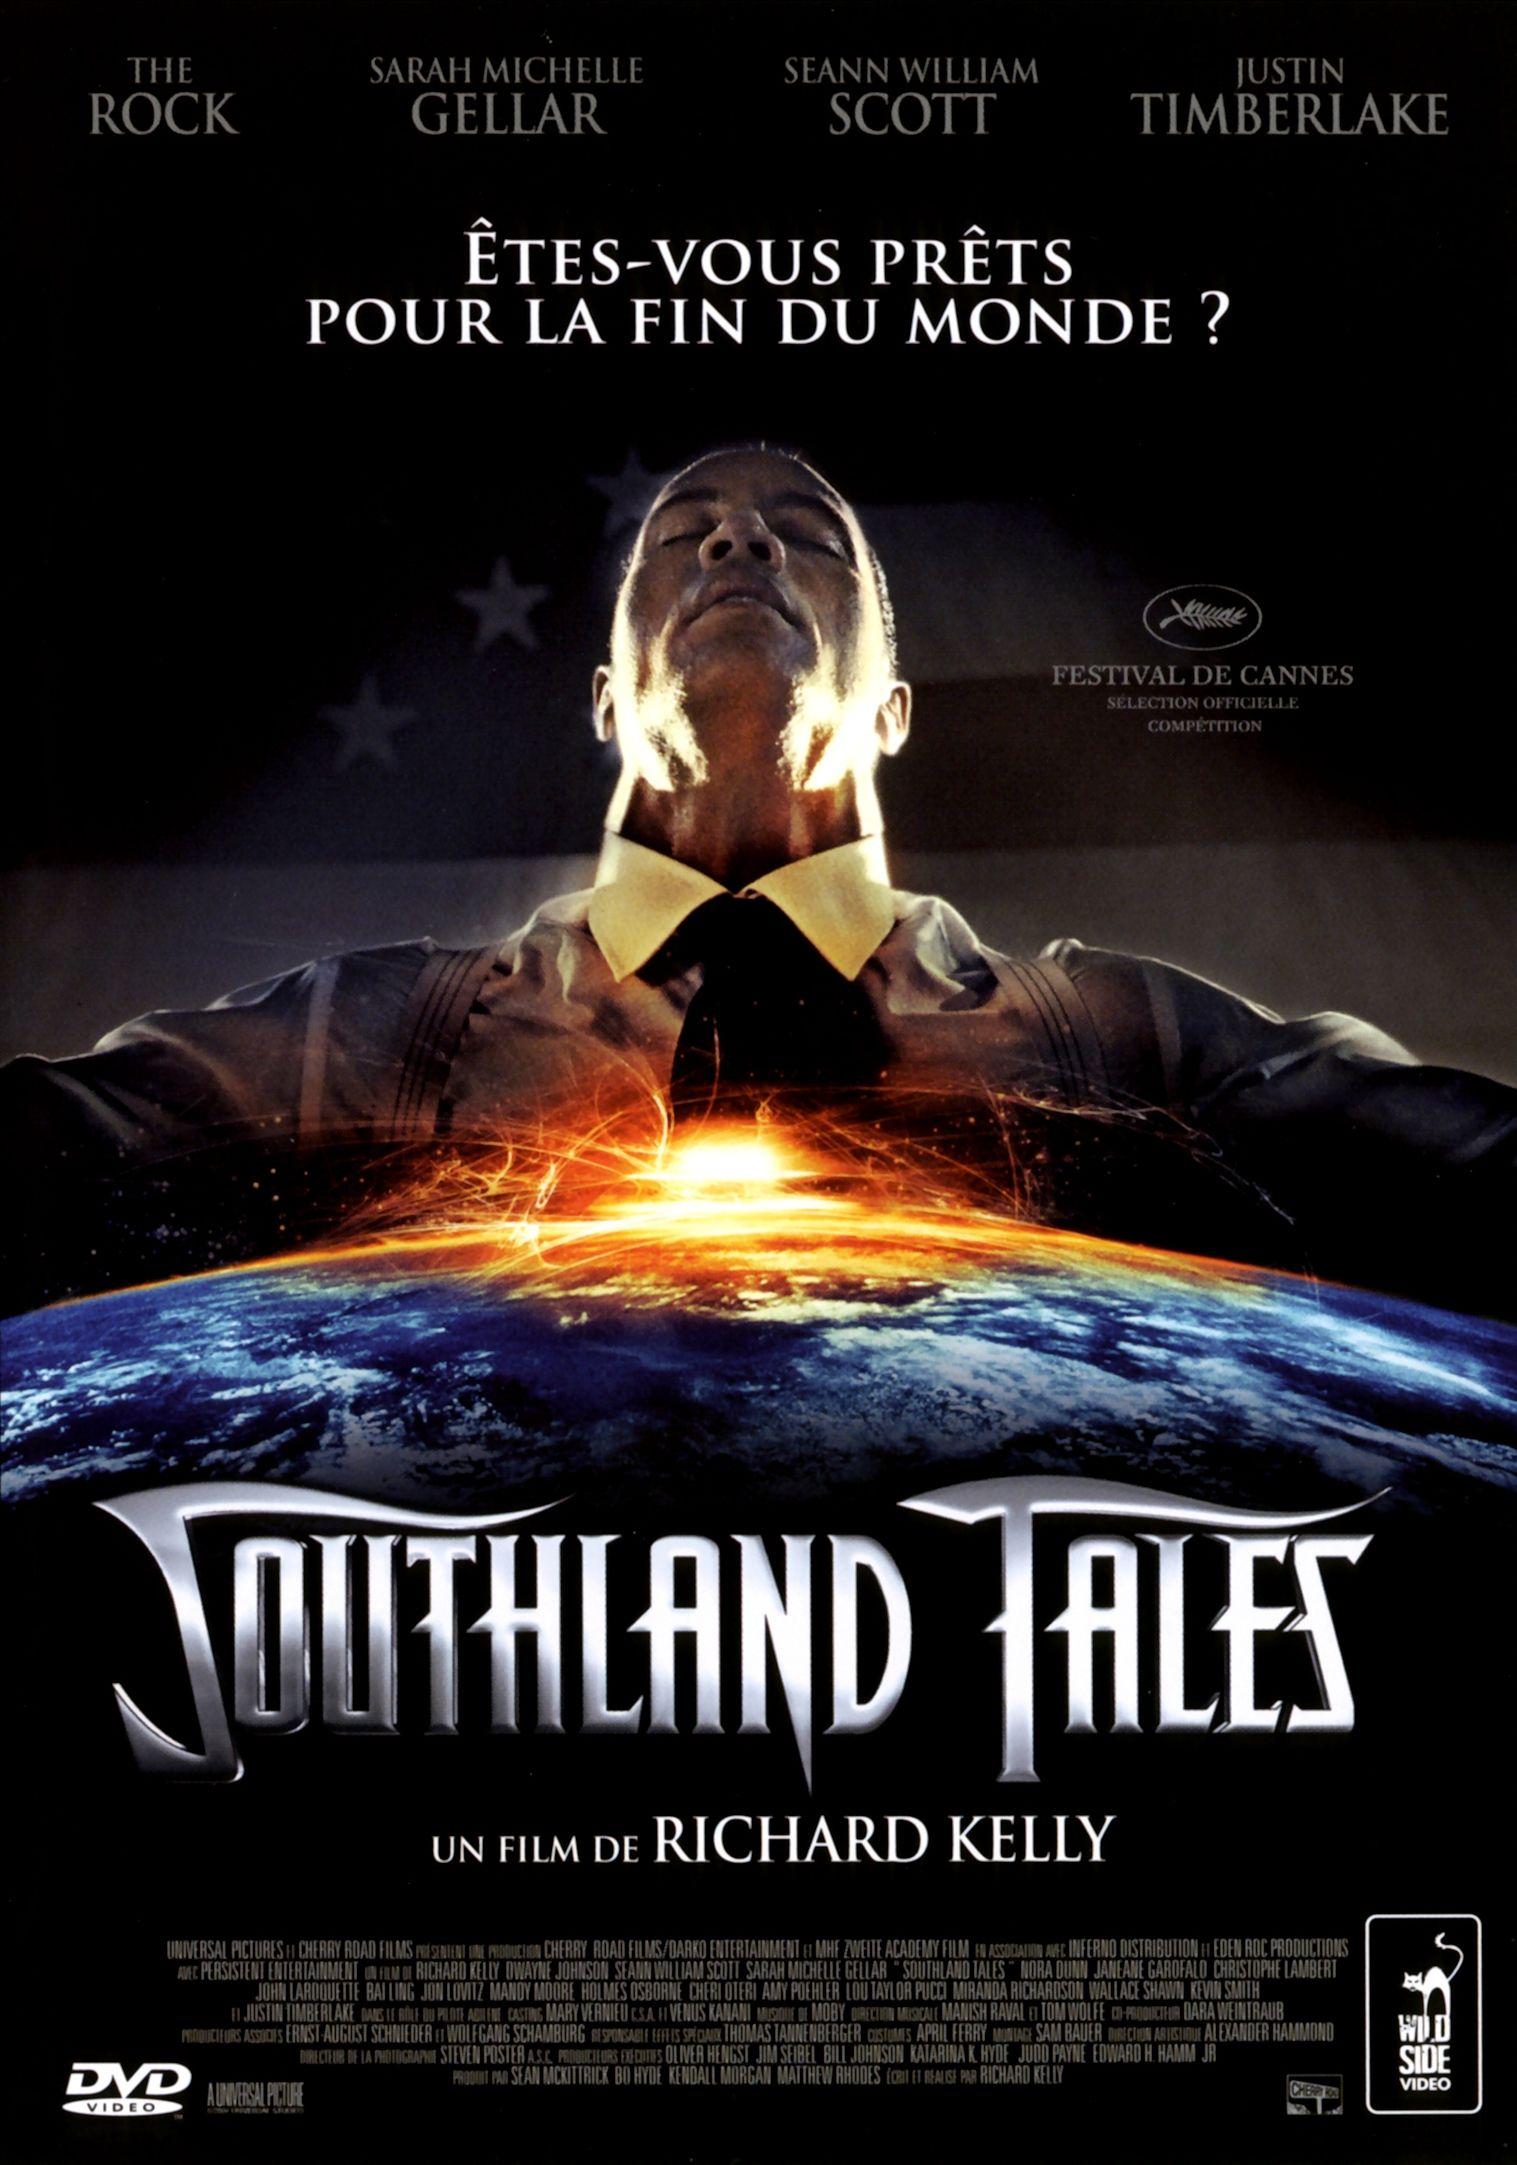 """Résultat de recherche d'images pour """"southland tales"""""""